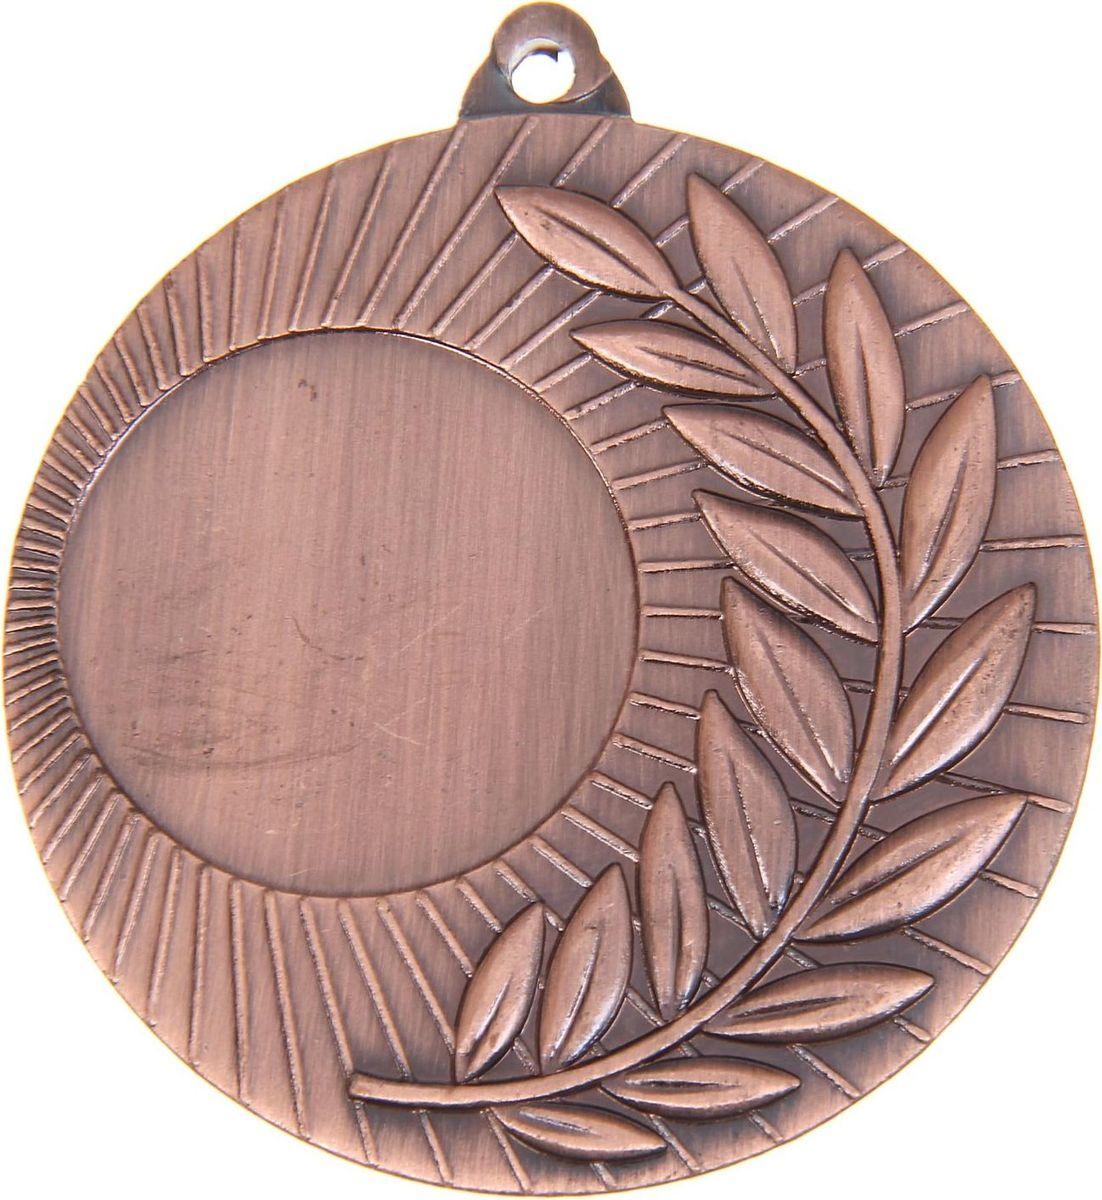 Медаль сувенирная с местом для гравировки, цвет: бронзовый, диаметр 5 см. 0211108678Пусть любая победа будет отмечена соответствующей наградой! Медаль — знак отличия, которым награждают самых достойных. Она вручается лишь тем, кто проявил настойчивость и волю к победе. Каждое достижение — это важное событие, которое должно остаться в памяти на долгие годы. Медаль под нанесение 021, d=5, бронза изготовлена из металла, в комплект входит лента цвета триколор, являющегося одним из государственных символов России. Характеристики: Диаметр медали: 5 см Диаметр вкладыша (лицо): 2,5 см Диаметр вкладыша (оборот): 4,5 см Ширина ленты: 2,5 см.